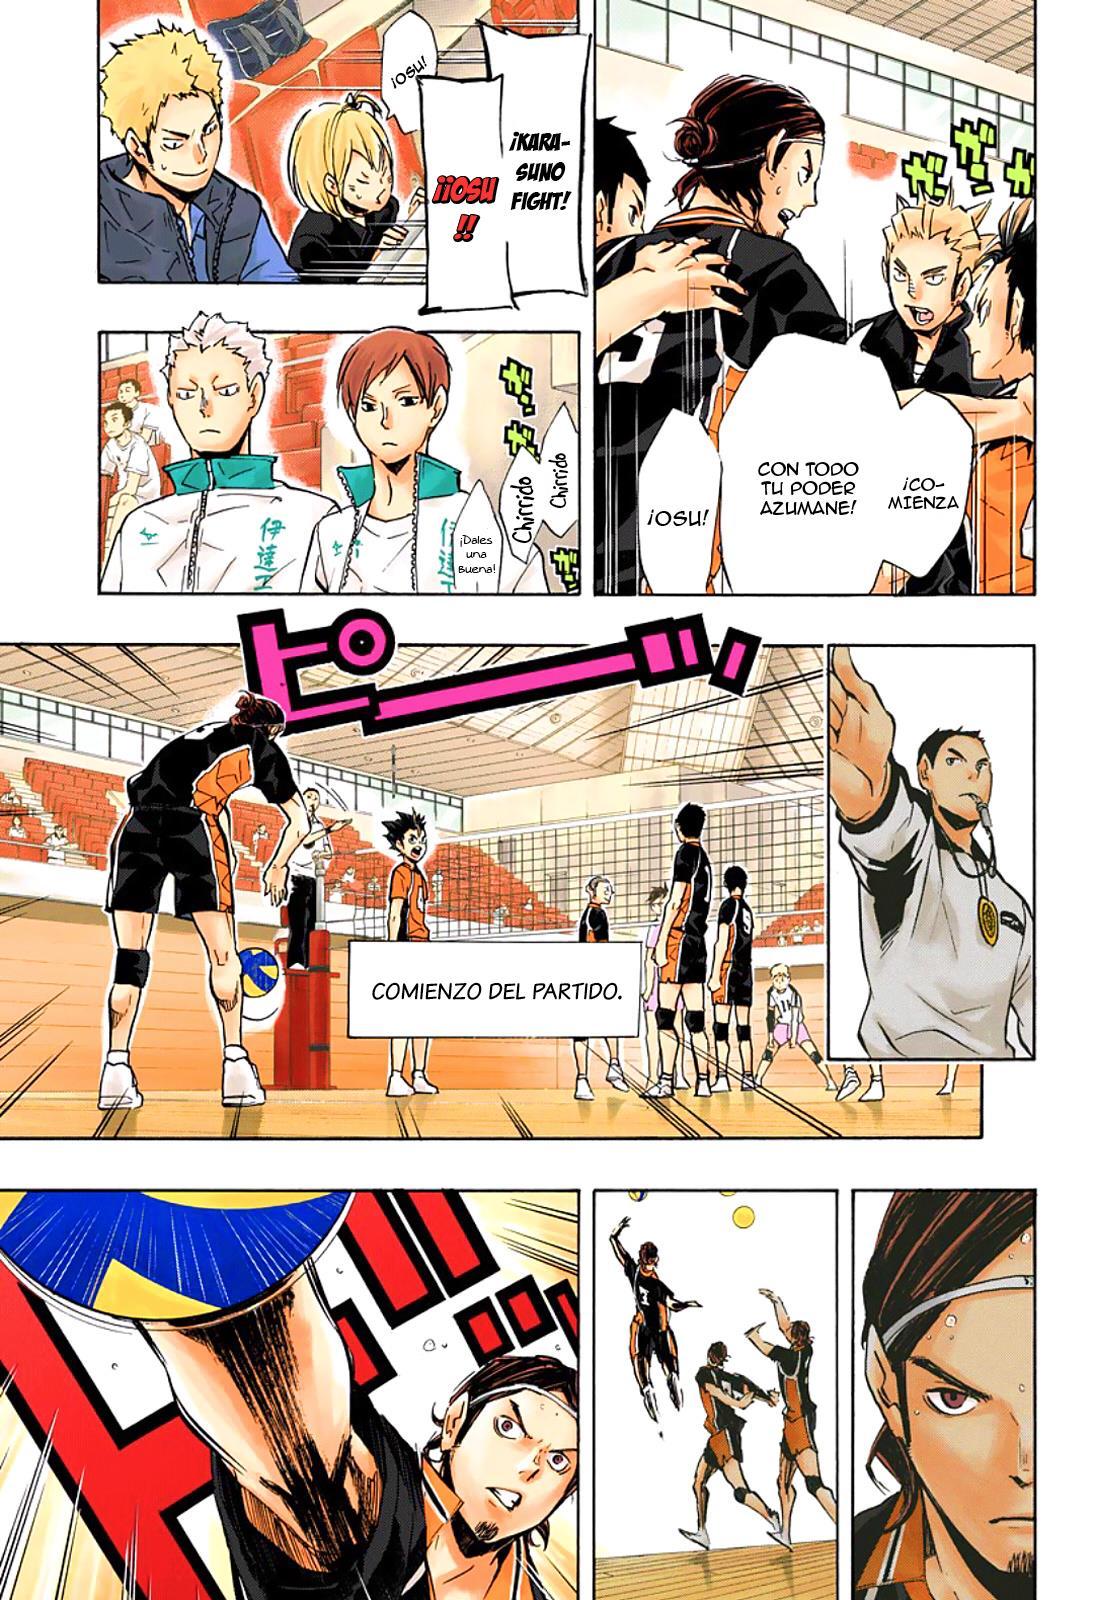 http://c5.ninemanga.com/es_manga/10/10/297855/a66b496f70aef27222a8f7388de3b8aa.jpg Page 9